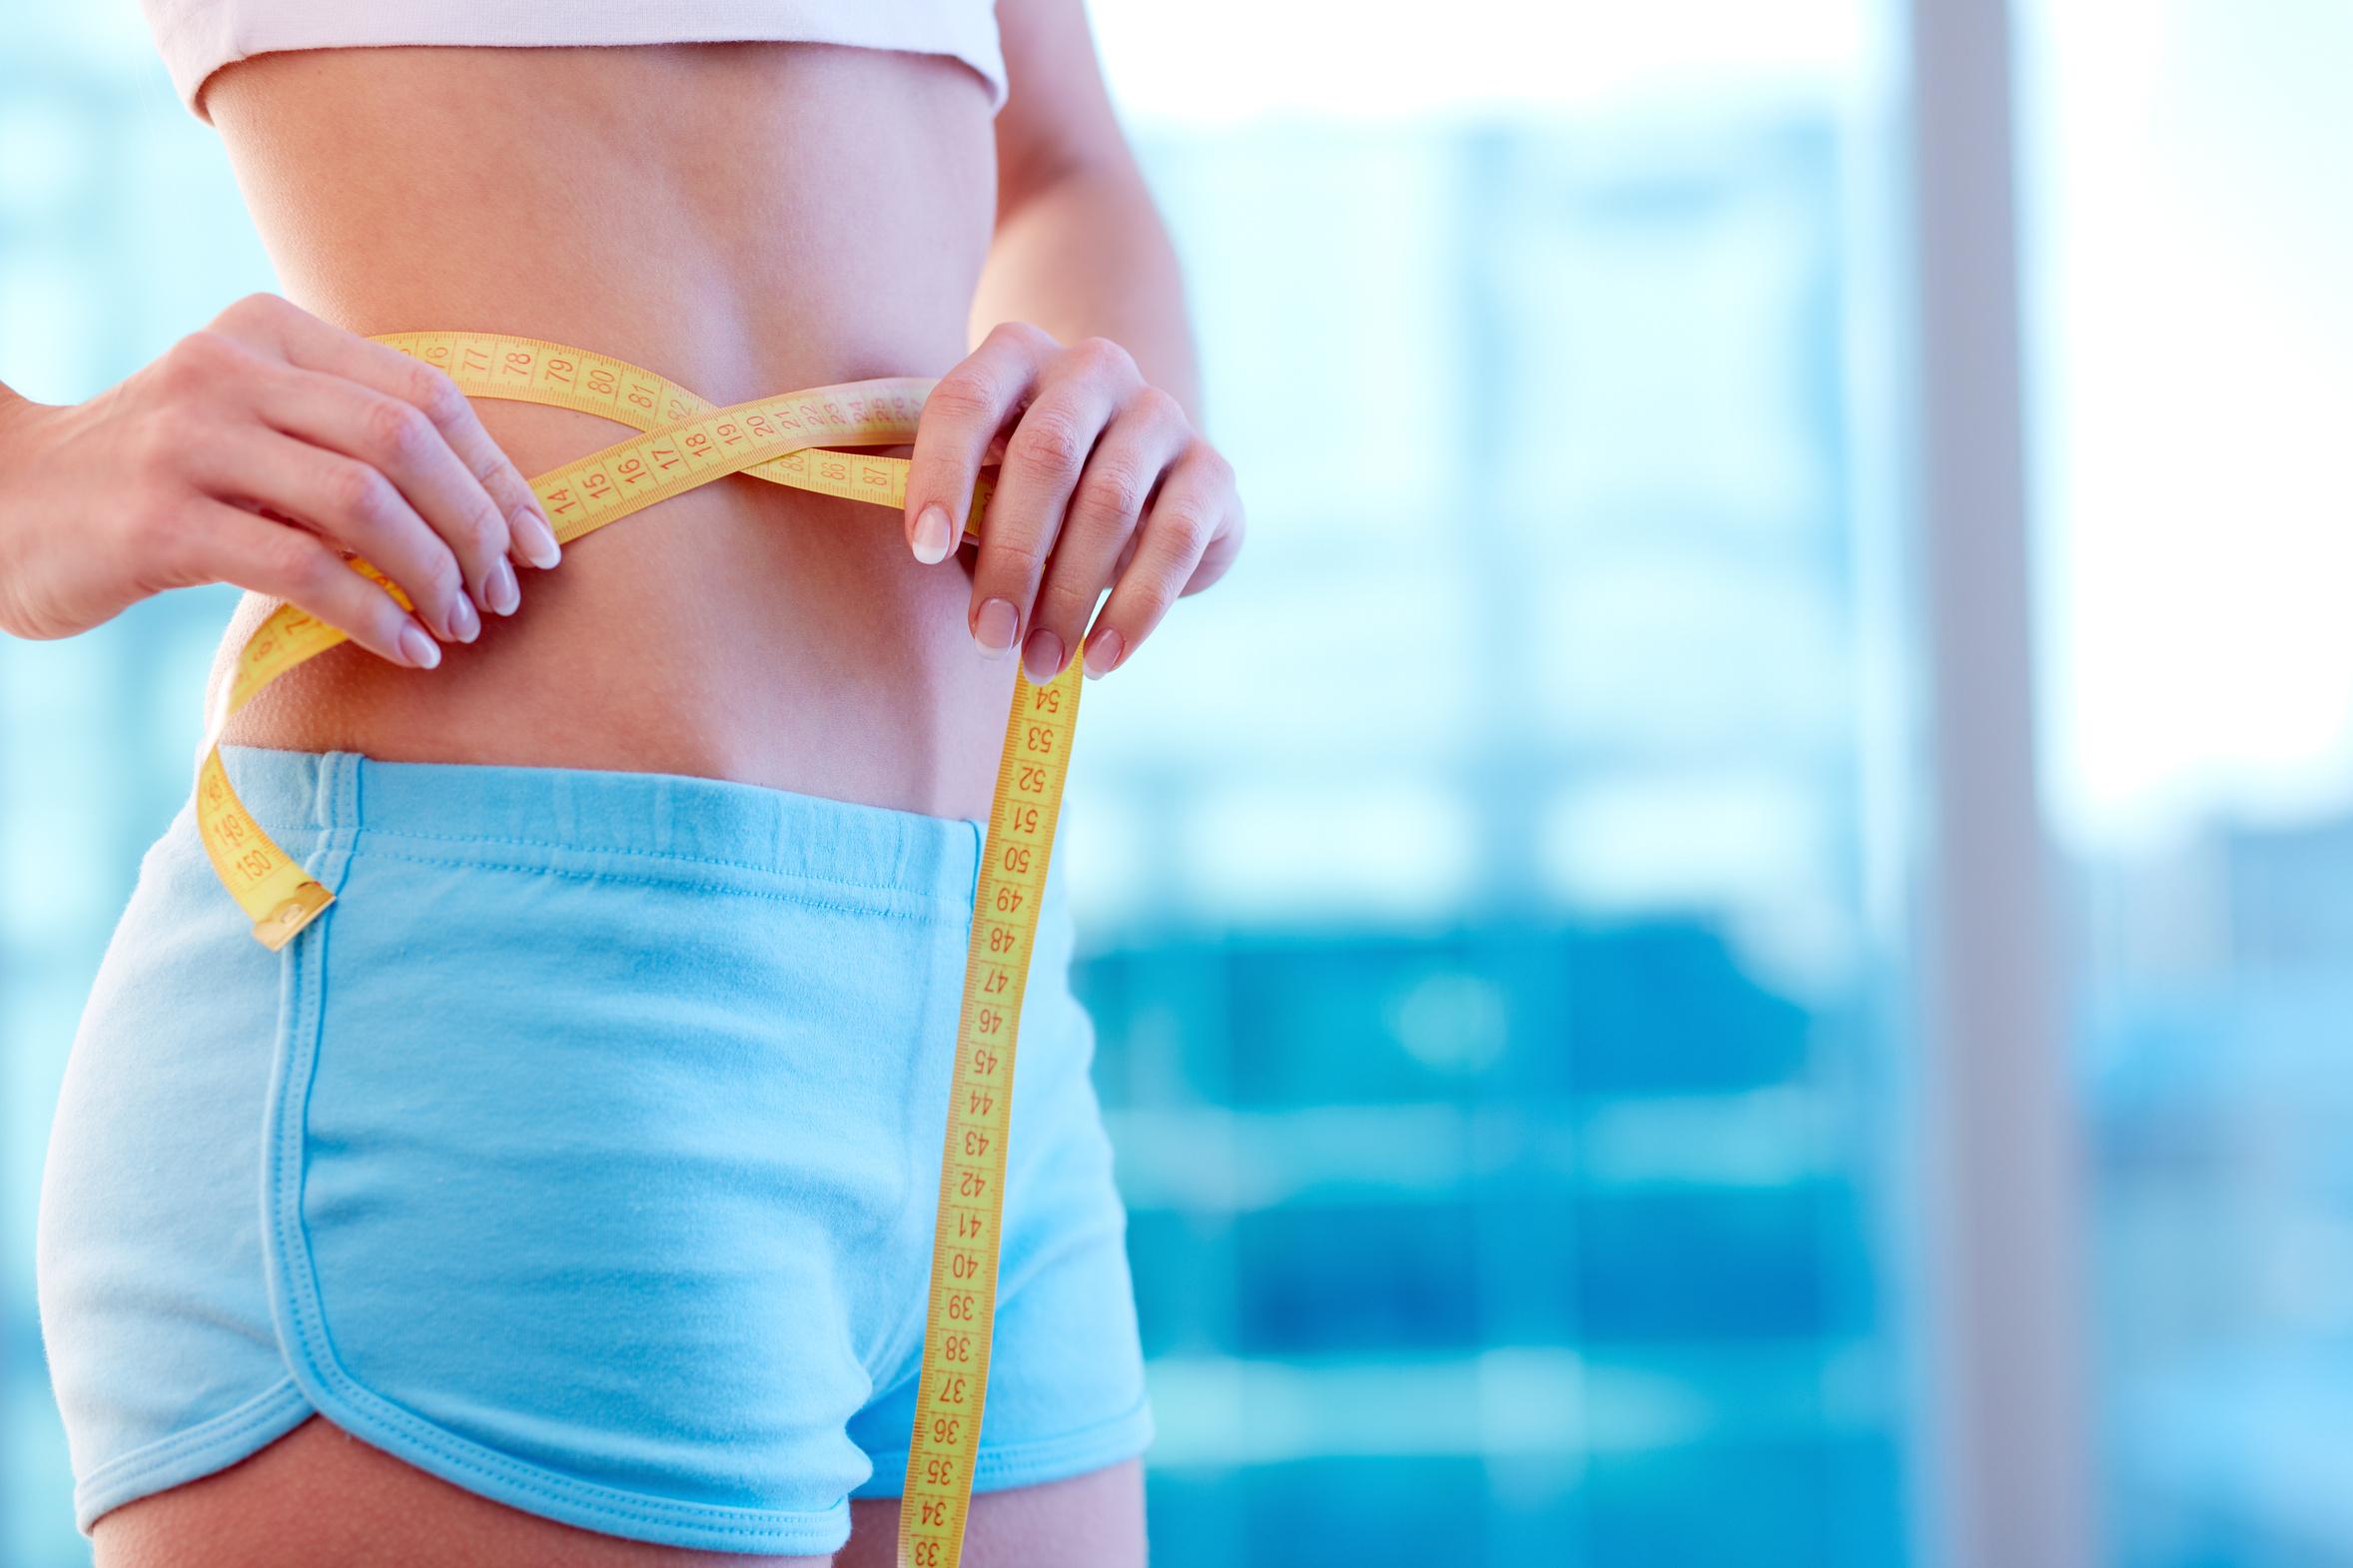 maximális fogyás 1 hét alatt hogyan lehet lefogyni egy héten belül természetesen